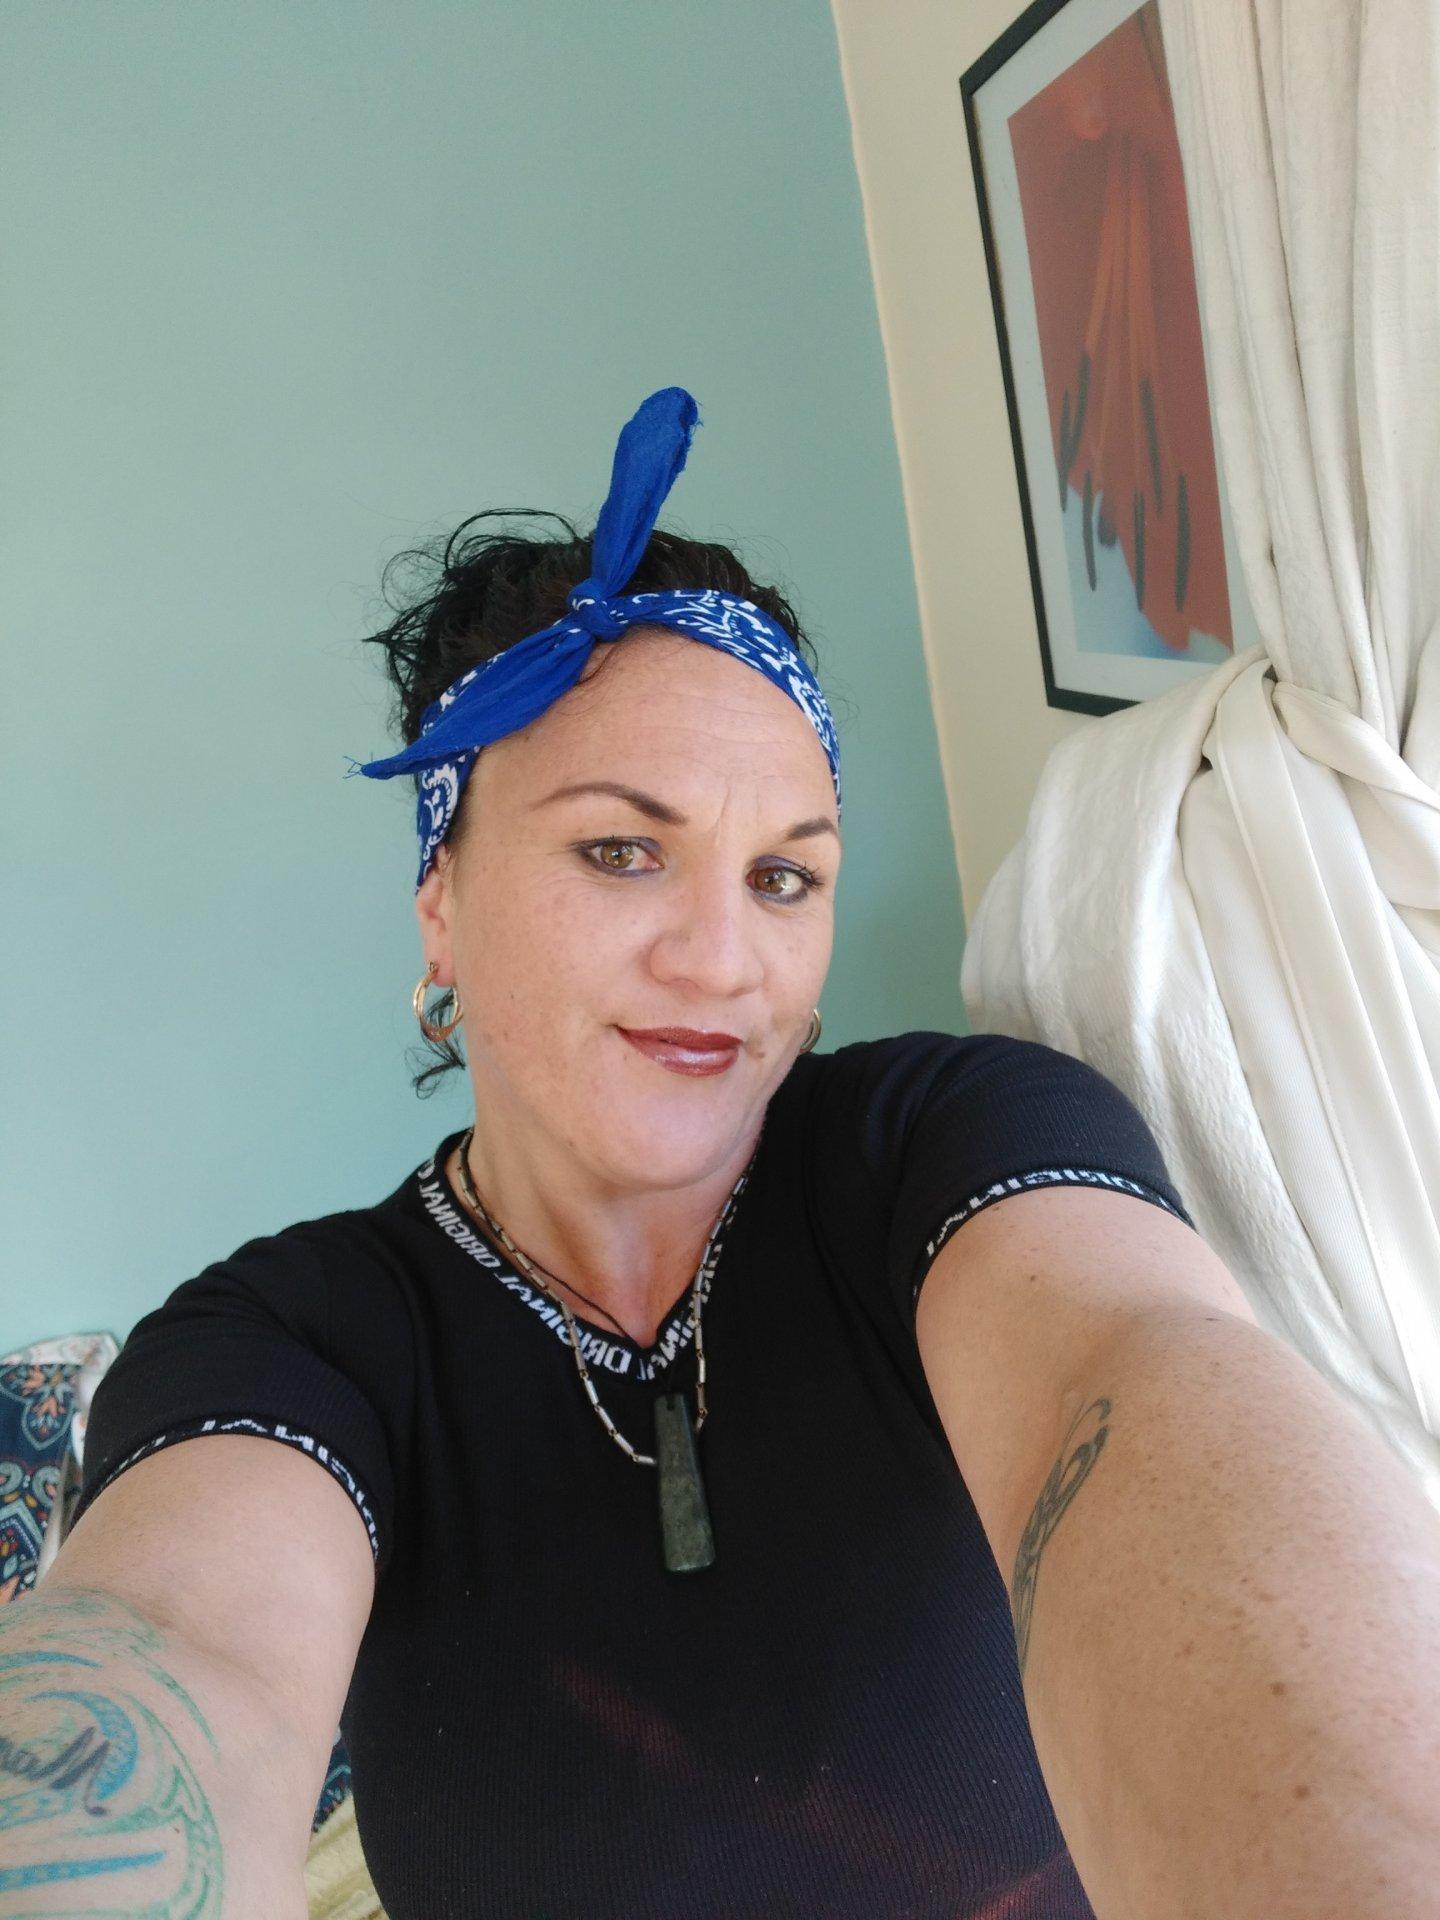 Ketz from Waikato,New Zealand